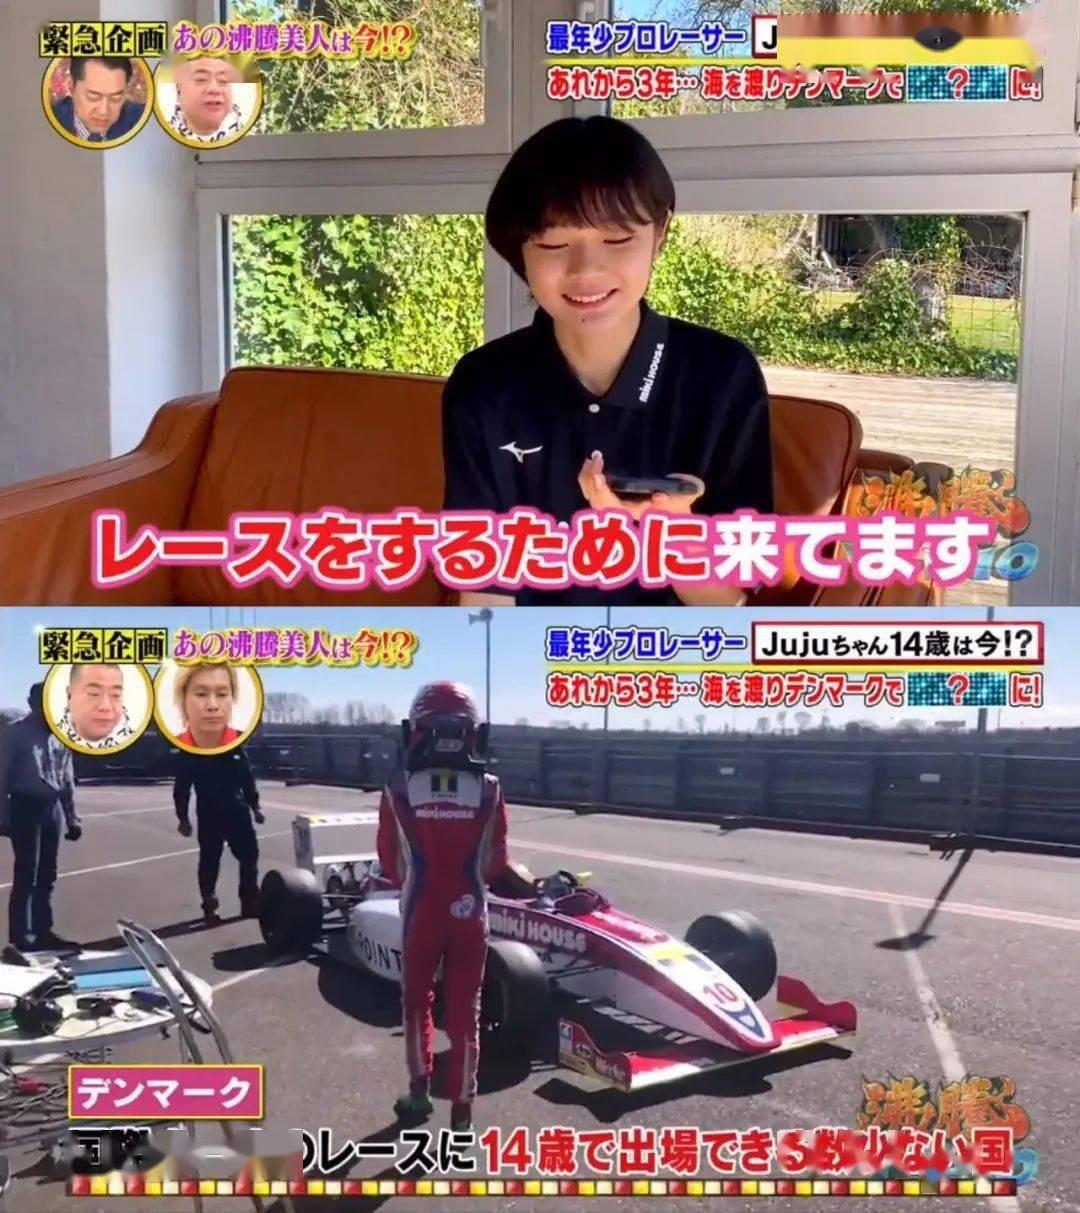 日本高颜值少女14岁就成为了「老司机」,F4 首秀用最快车速吊打全场!